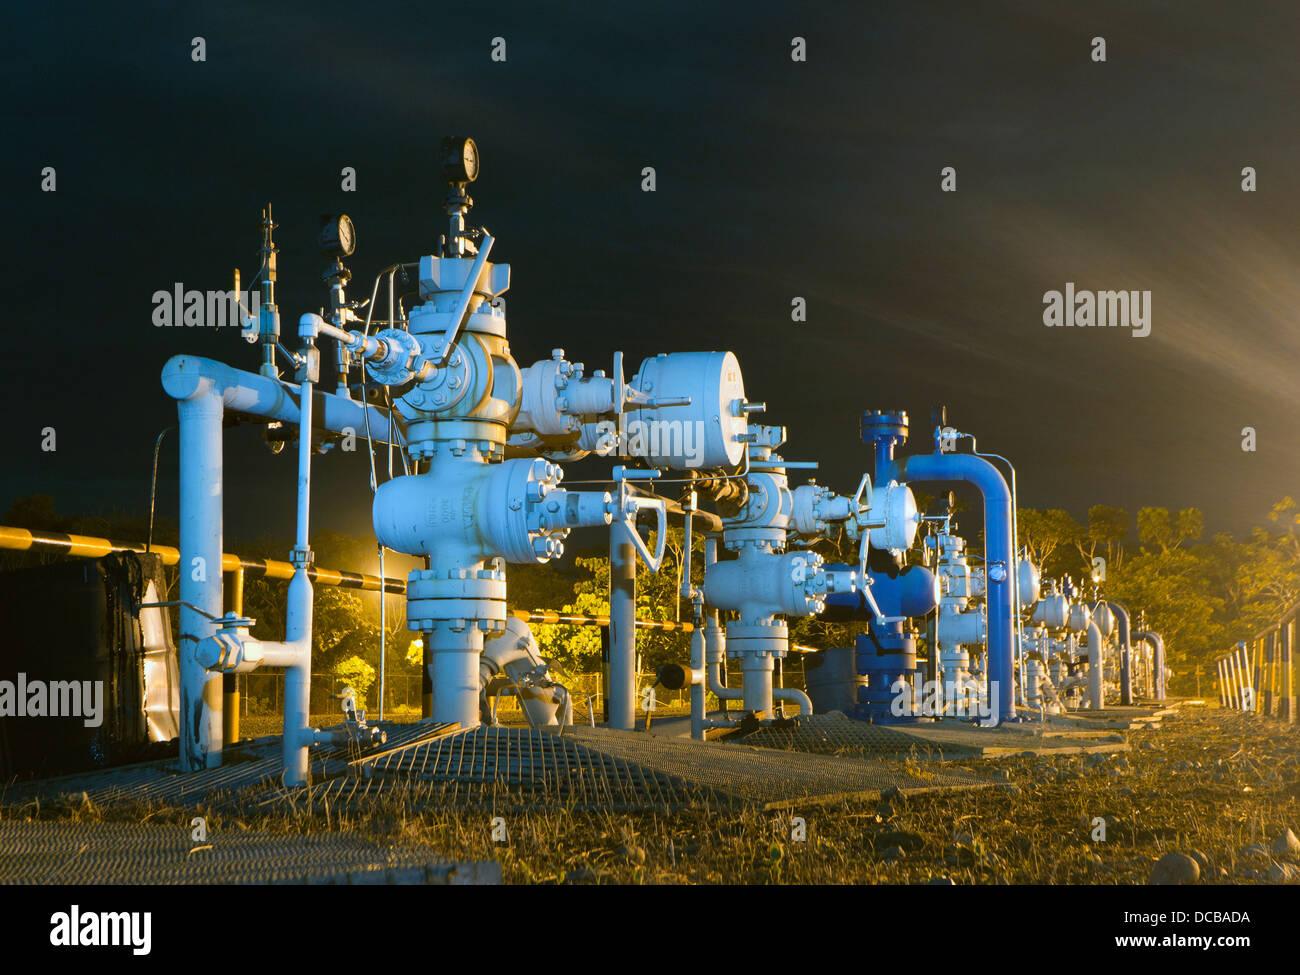 Albero Di Natale Petrolio.Fila Di Albero Di Natale Valvole Su Un Pozzo Di Petrolio Piattaforma